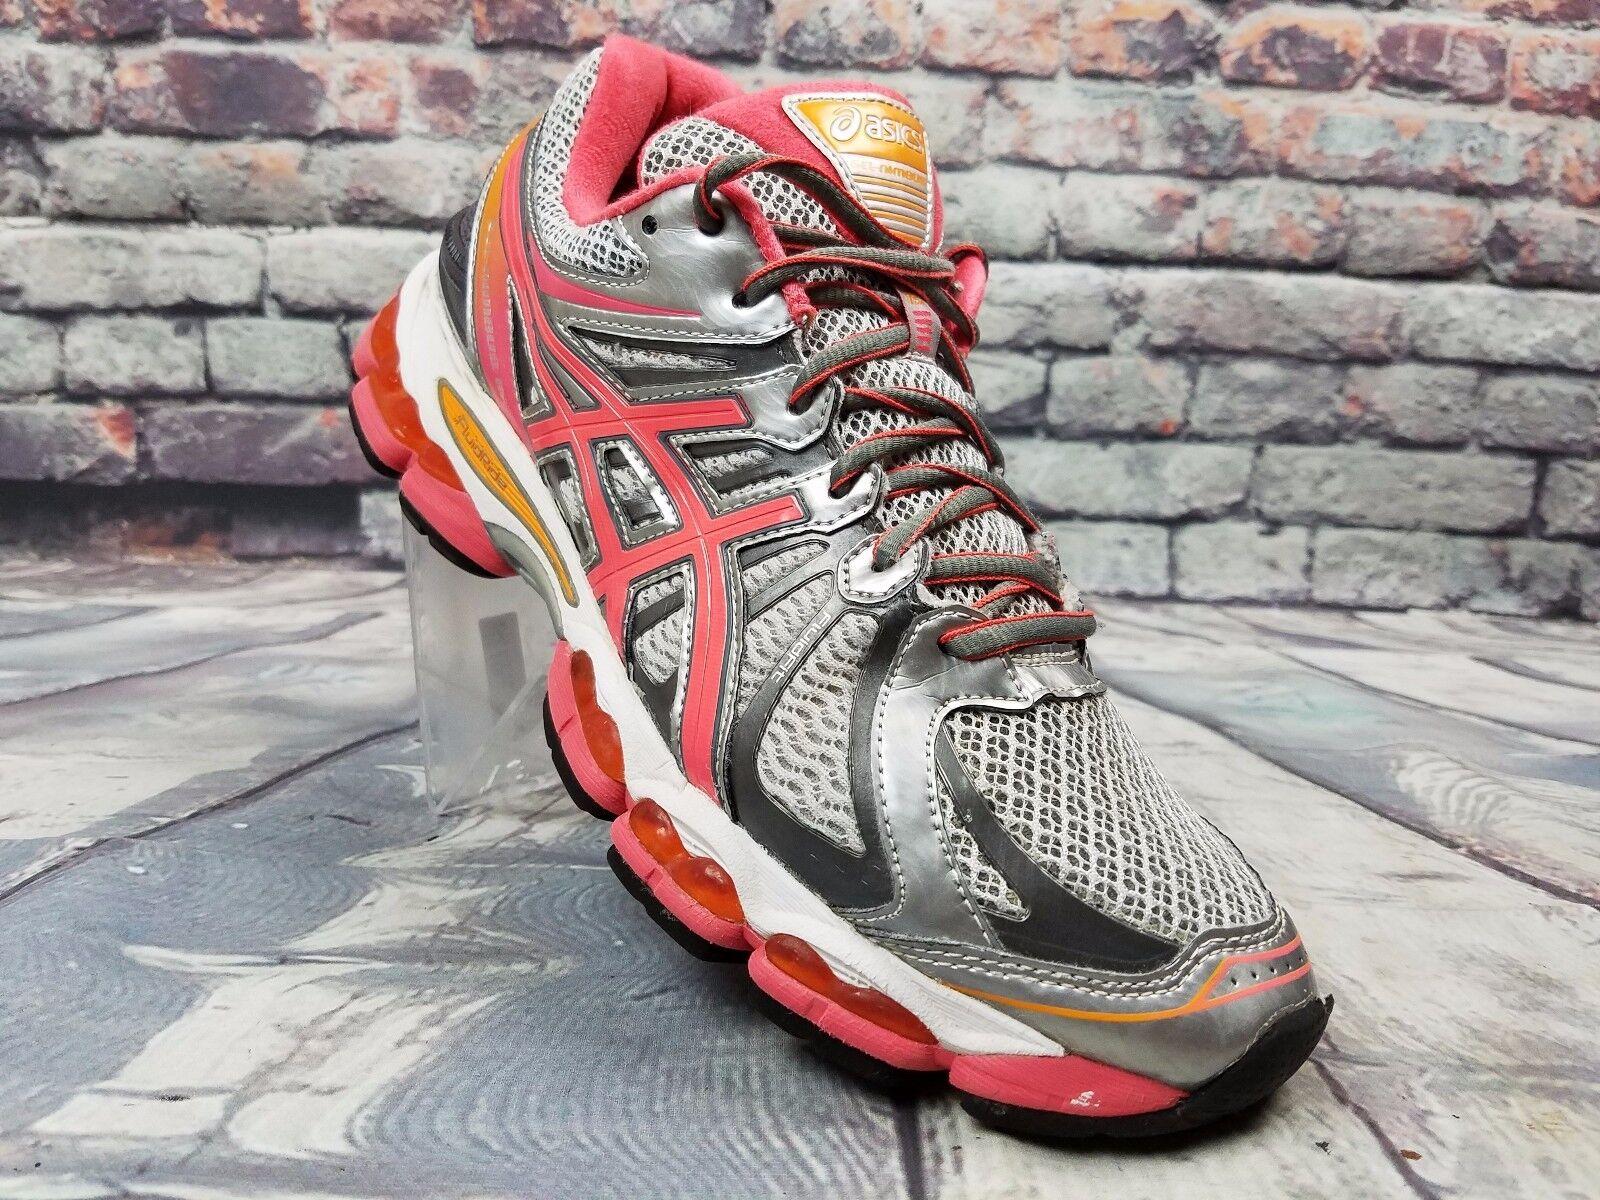 La Mujer ASICS GEL nimbu 15 zapatos reducción de precio running zapatos 15 estilo t3b8n la w128 cómodo casual salvaje c4dca1